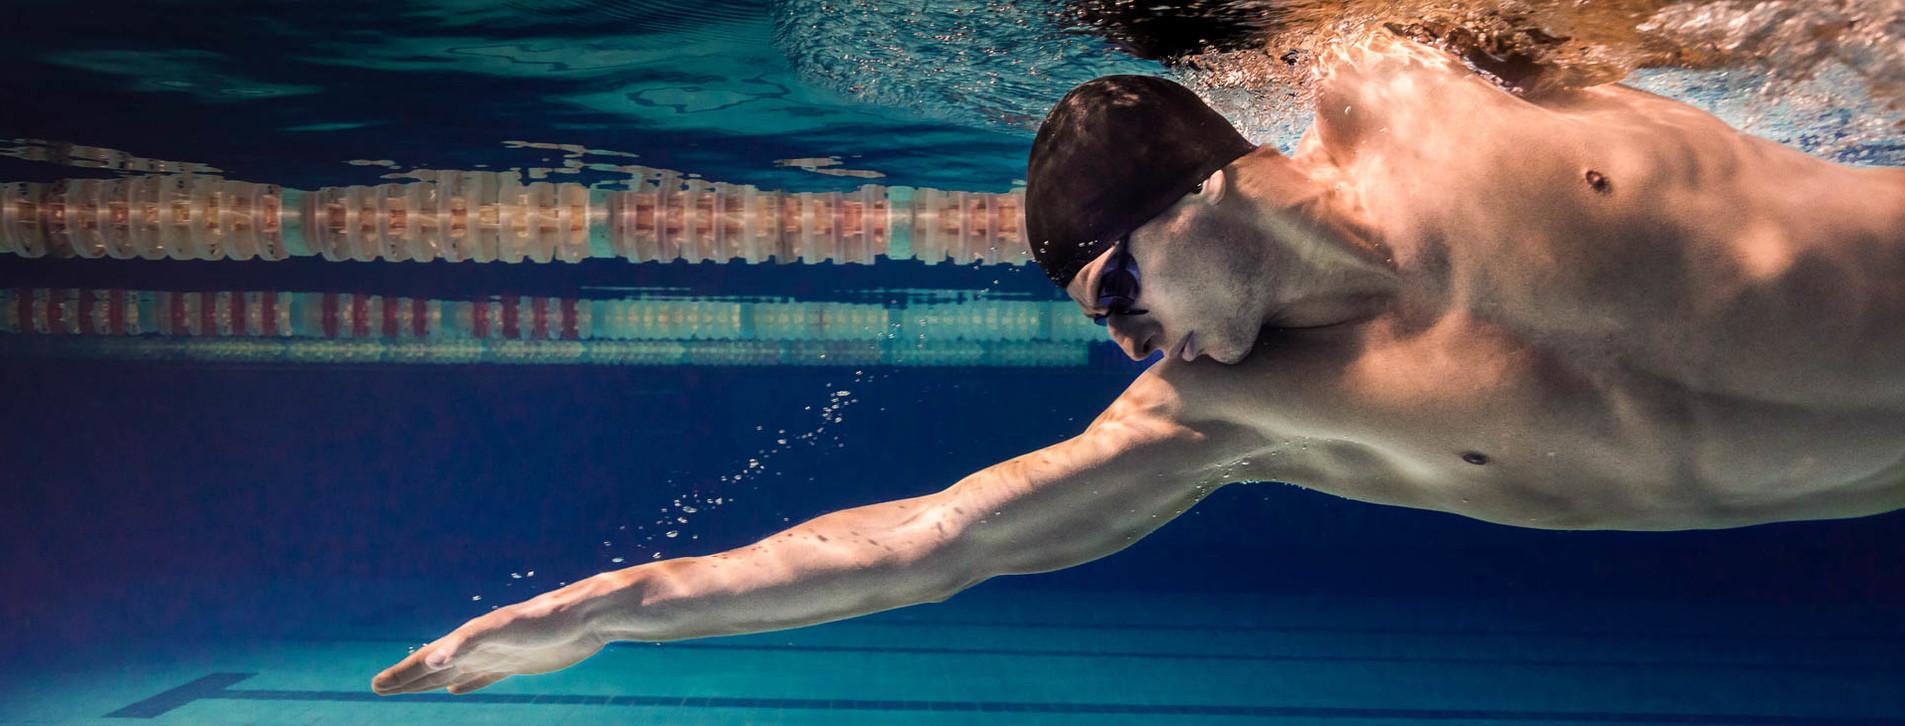 Фото - Індивідуальний курс плавання